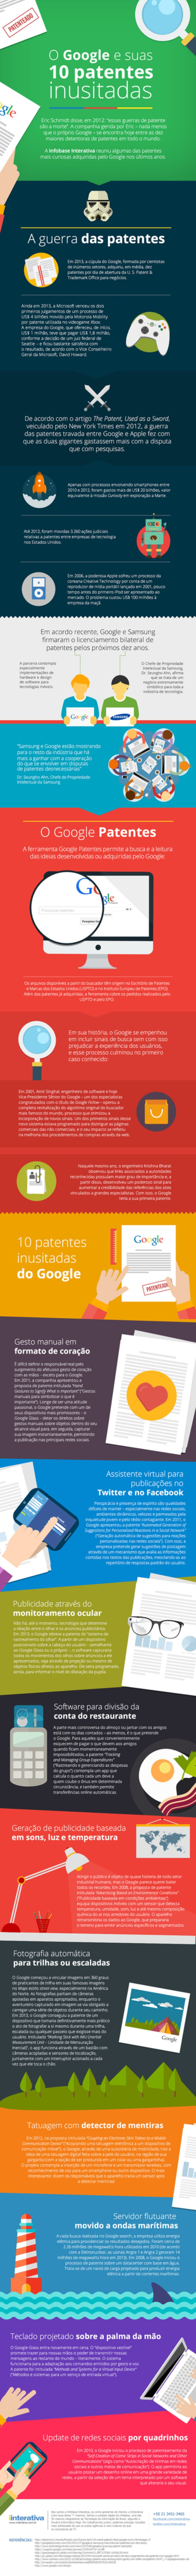 Infográfico mostra patentes curiosas registradas pelo Google (foto: Reprodução/Iinterativa)